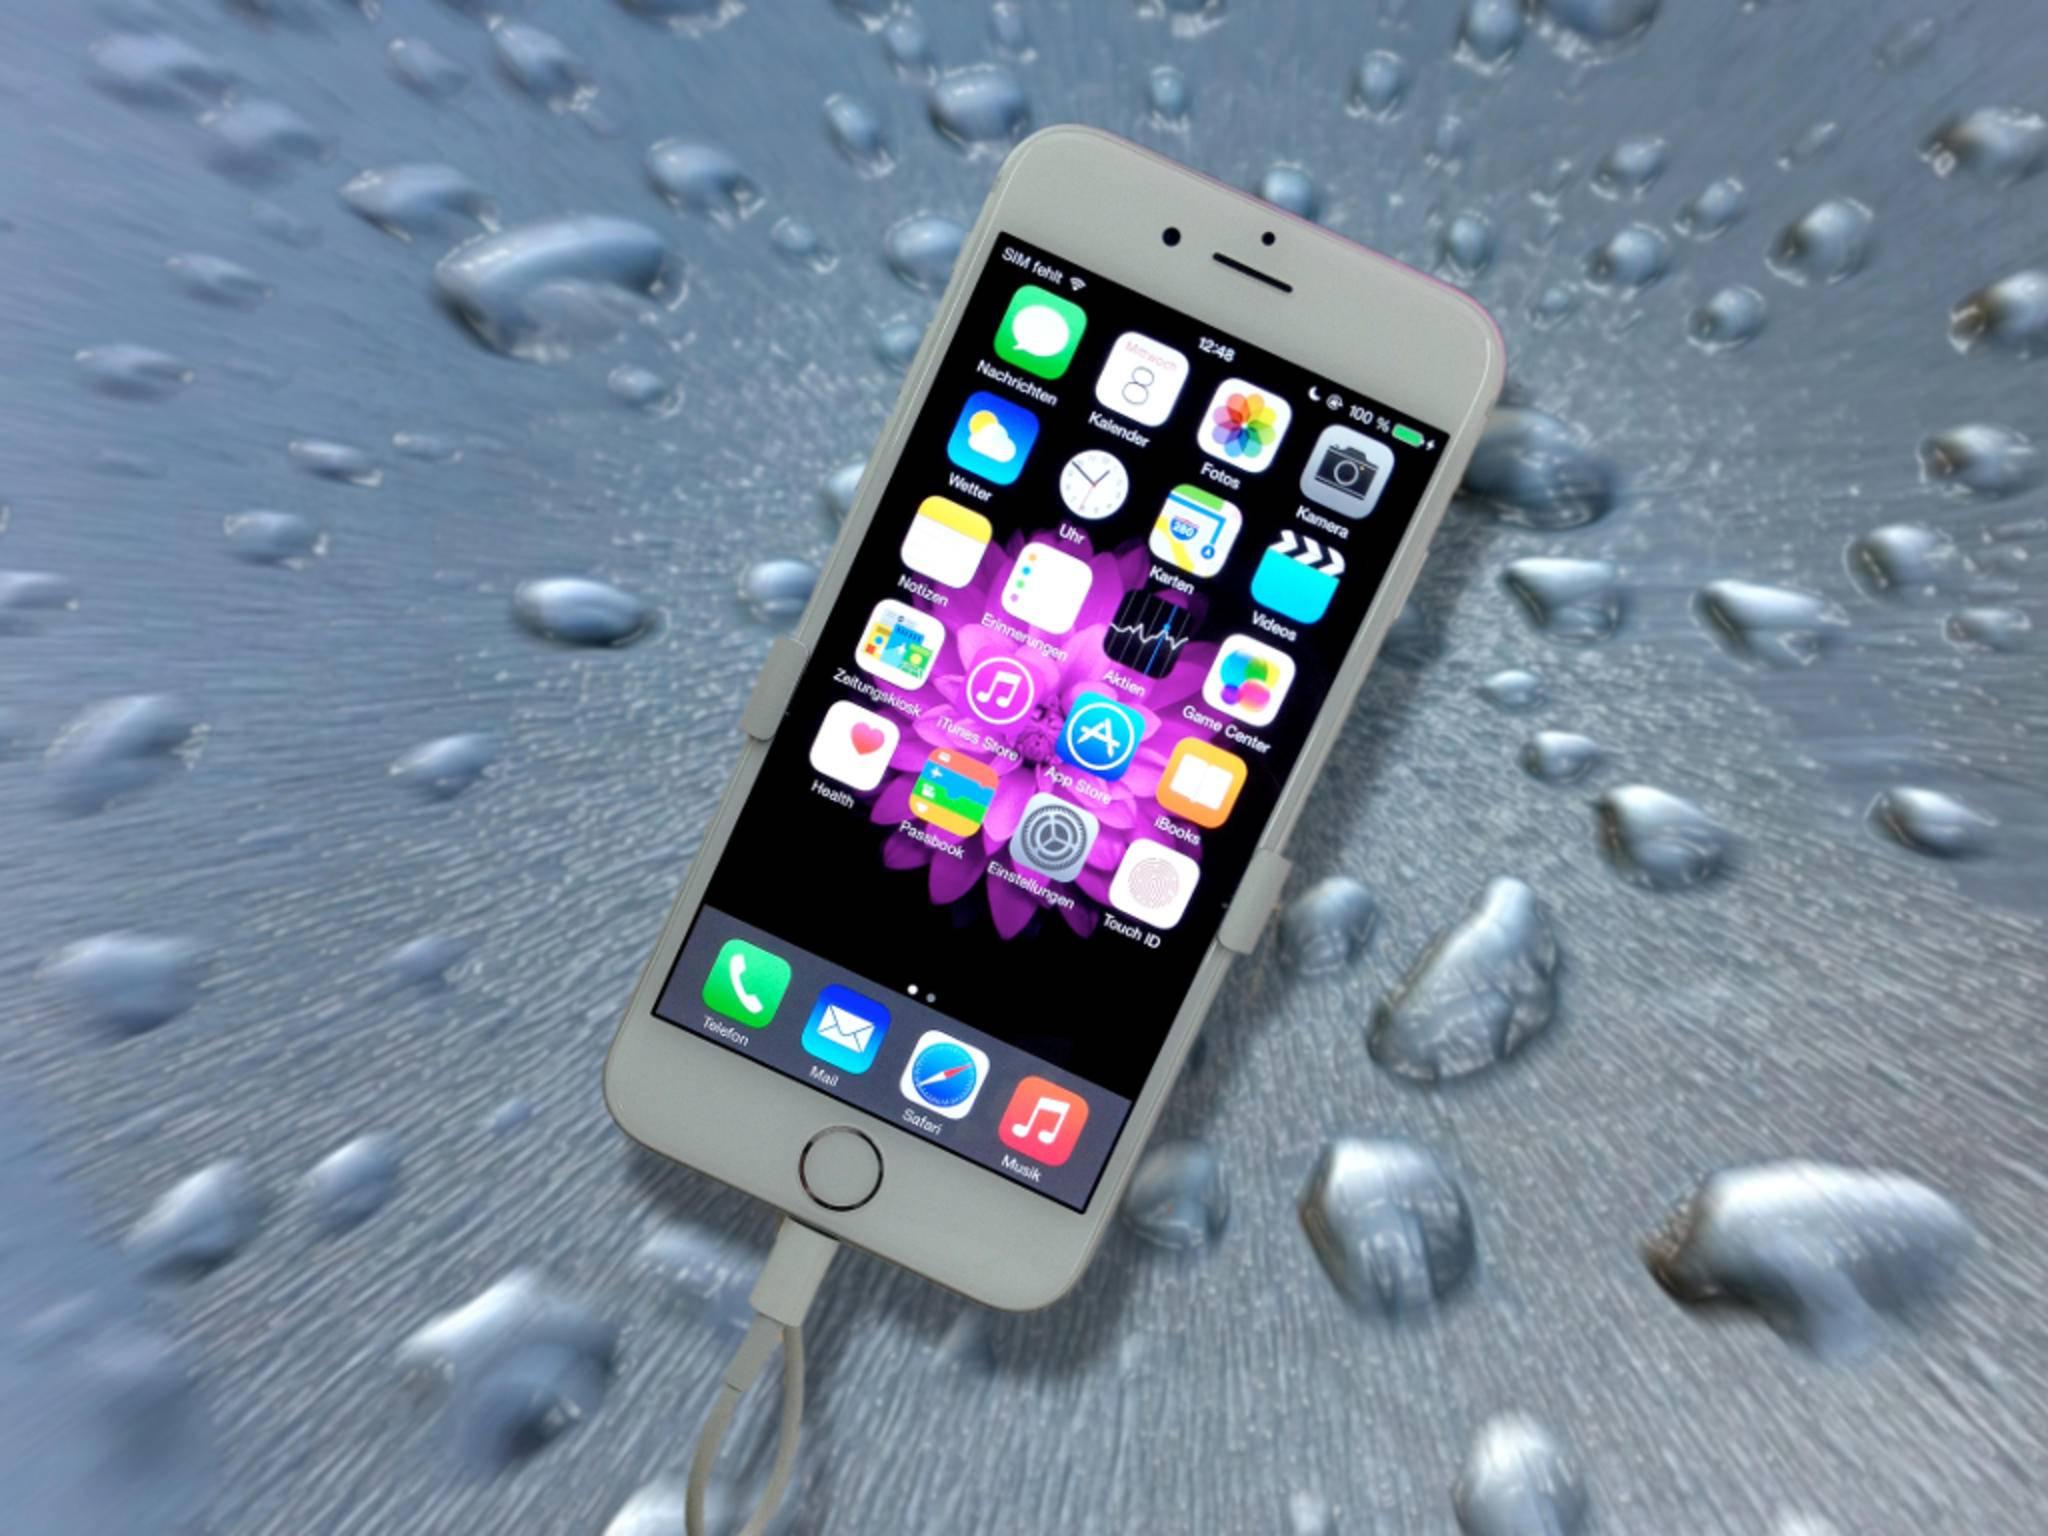 Das US-Ministerium für Innere Sicherheit warnt vor einer Sicherheitslücke in iOS.